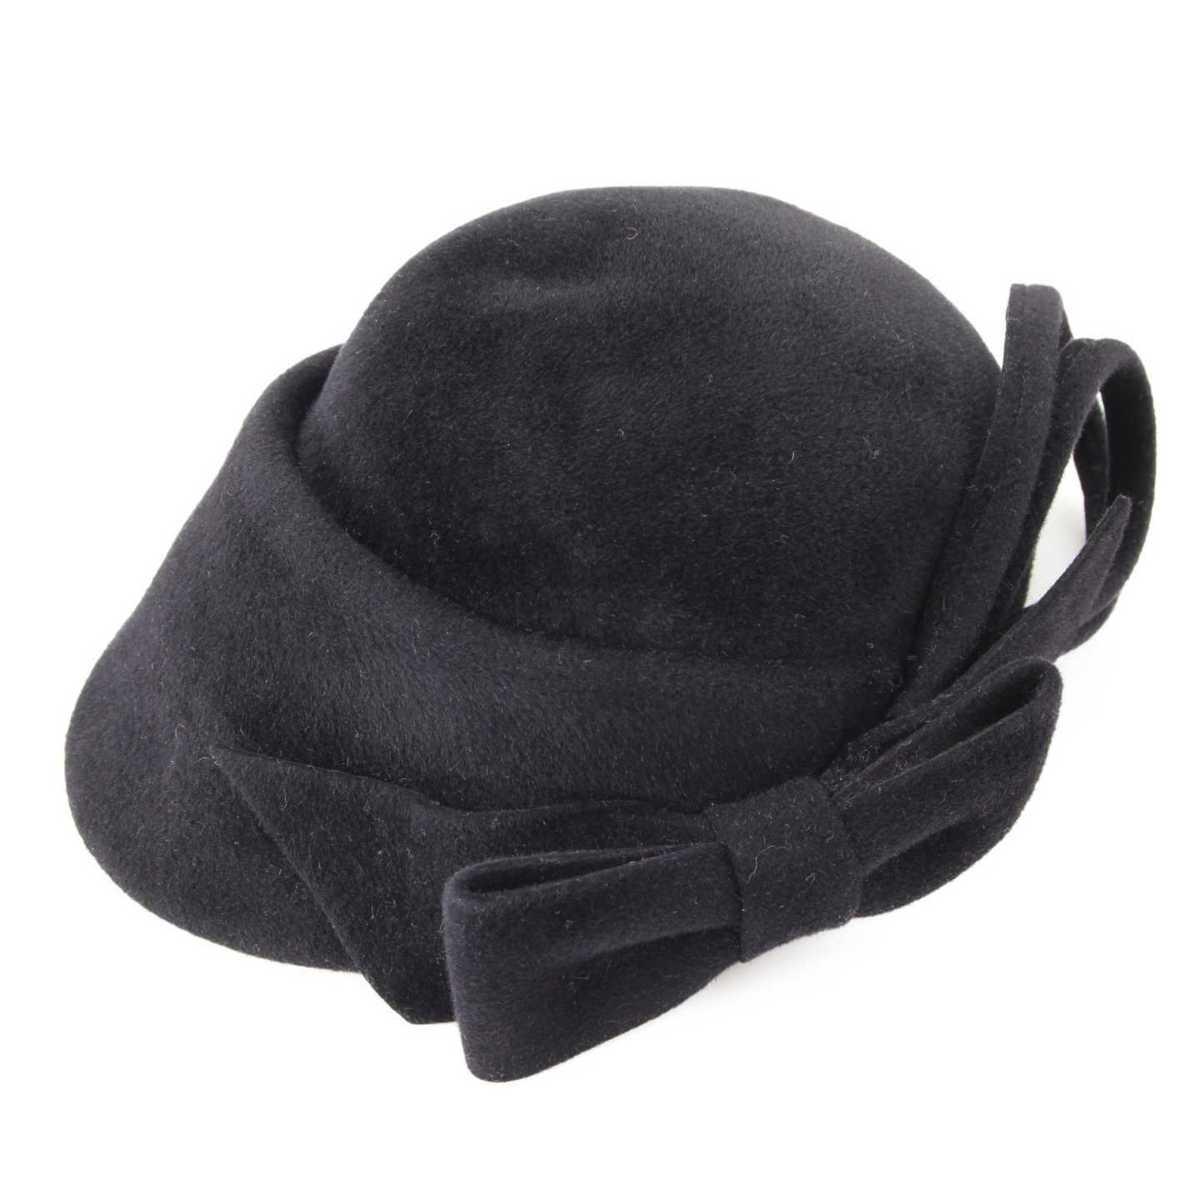 【ソノタ】 ミサハラダ 帽子 キャップ ブラック 【中古】【鑑定済・正規品保証】75599